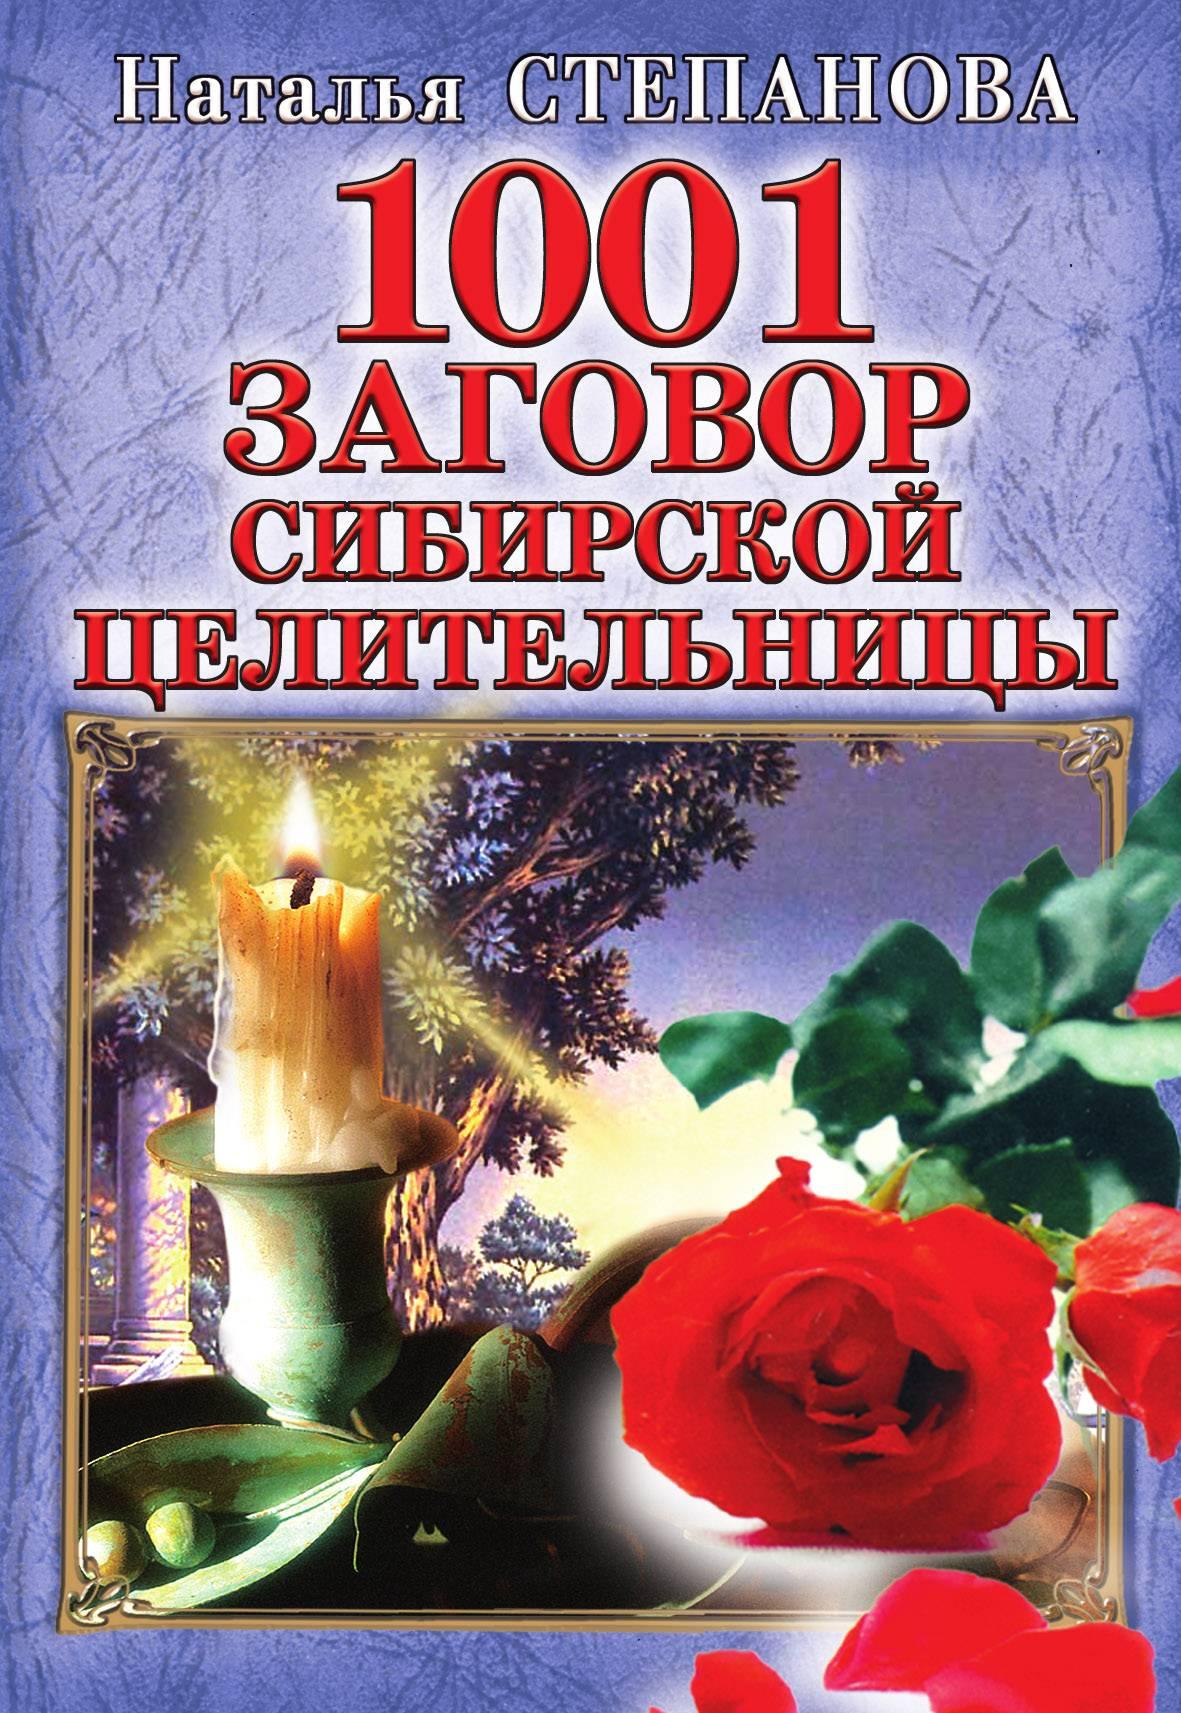 Читать книгу заговоры сибирской целительницы. выпуск 34 натальи степановой : онлайн чтение - страница 1